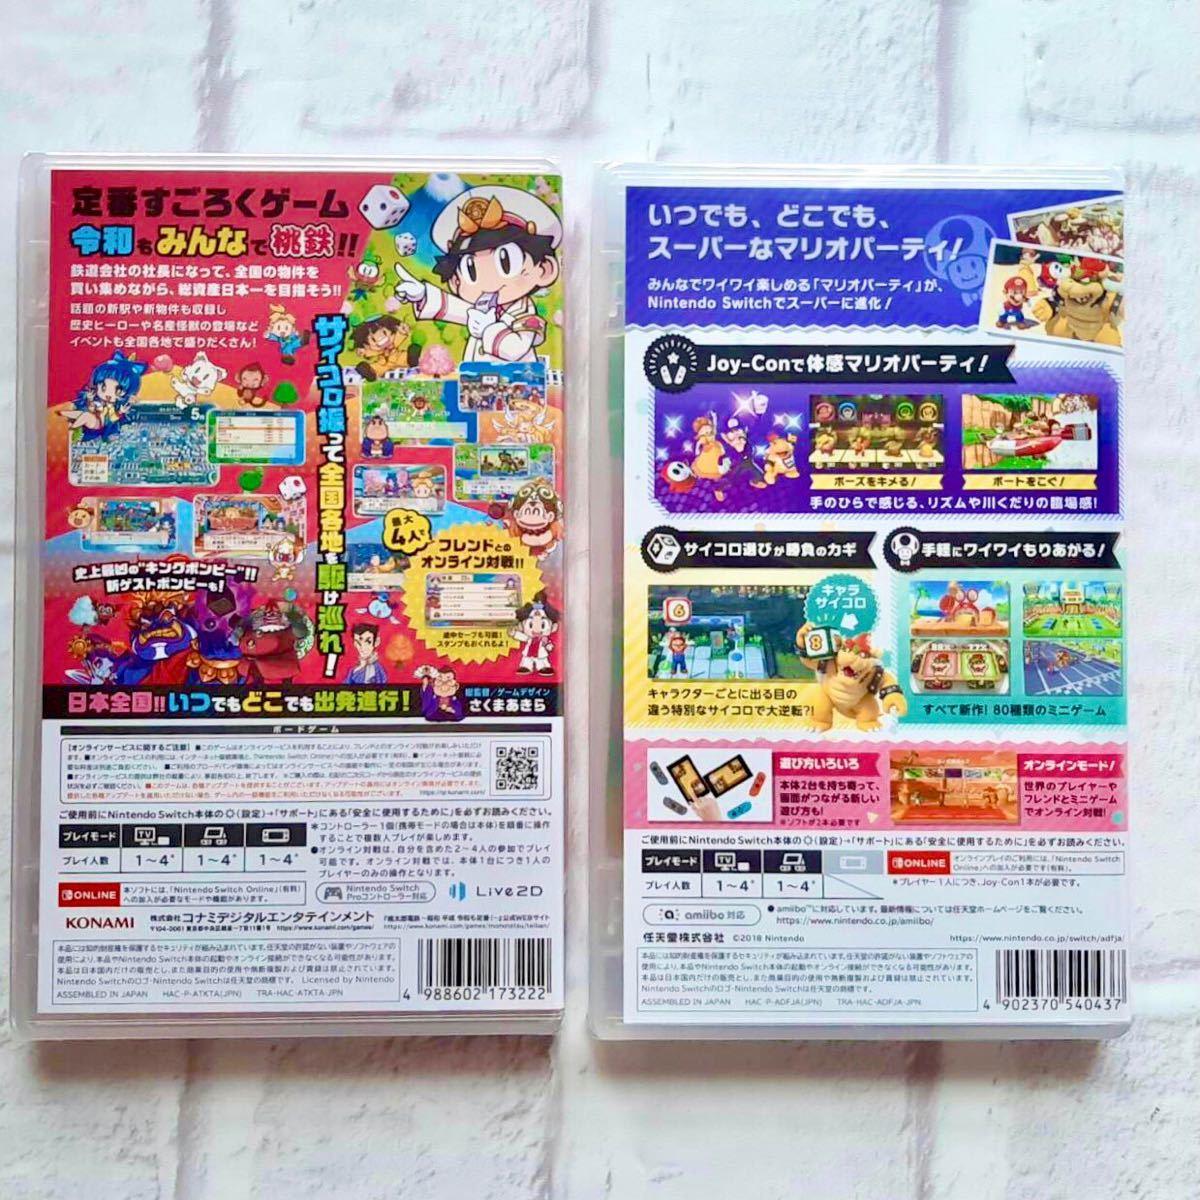 新品未開封★桃太郎電鉄 スーパーマリオパーティ Nintendo Switch ニンテンドースイッチ 桃鉄 マリオパーティー